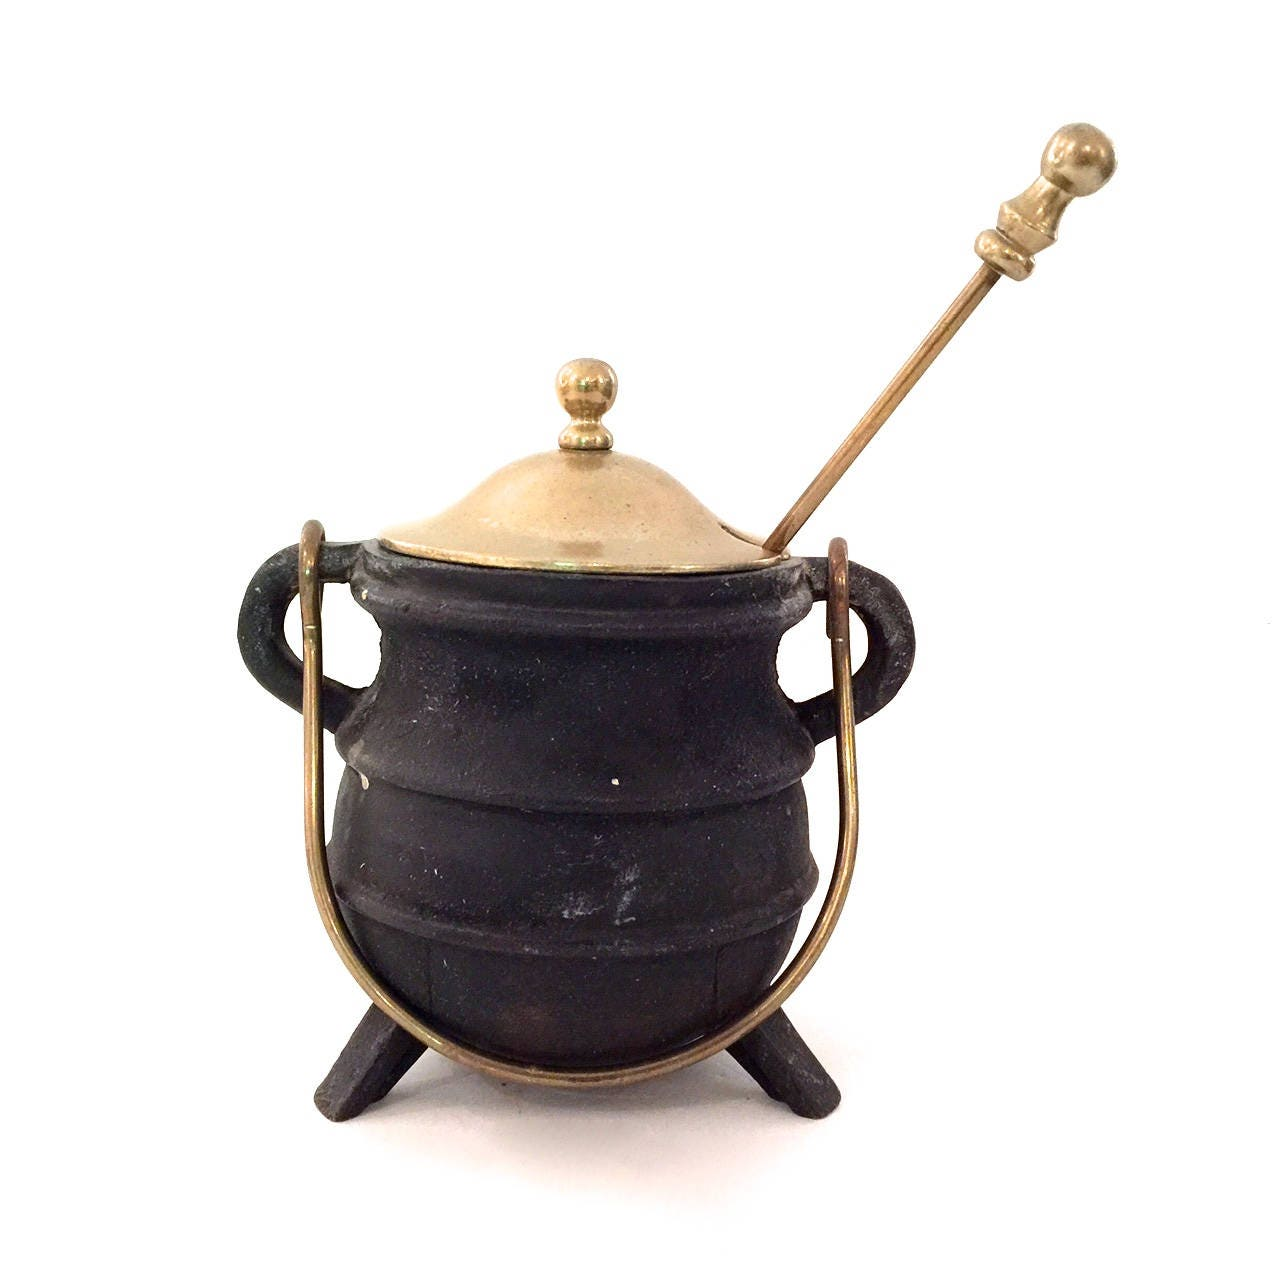 vintage cast iron fire pot vintage cast iron firepot cast